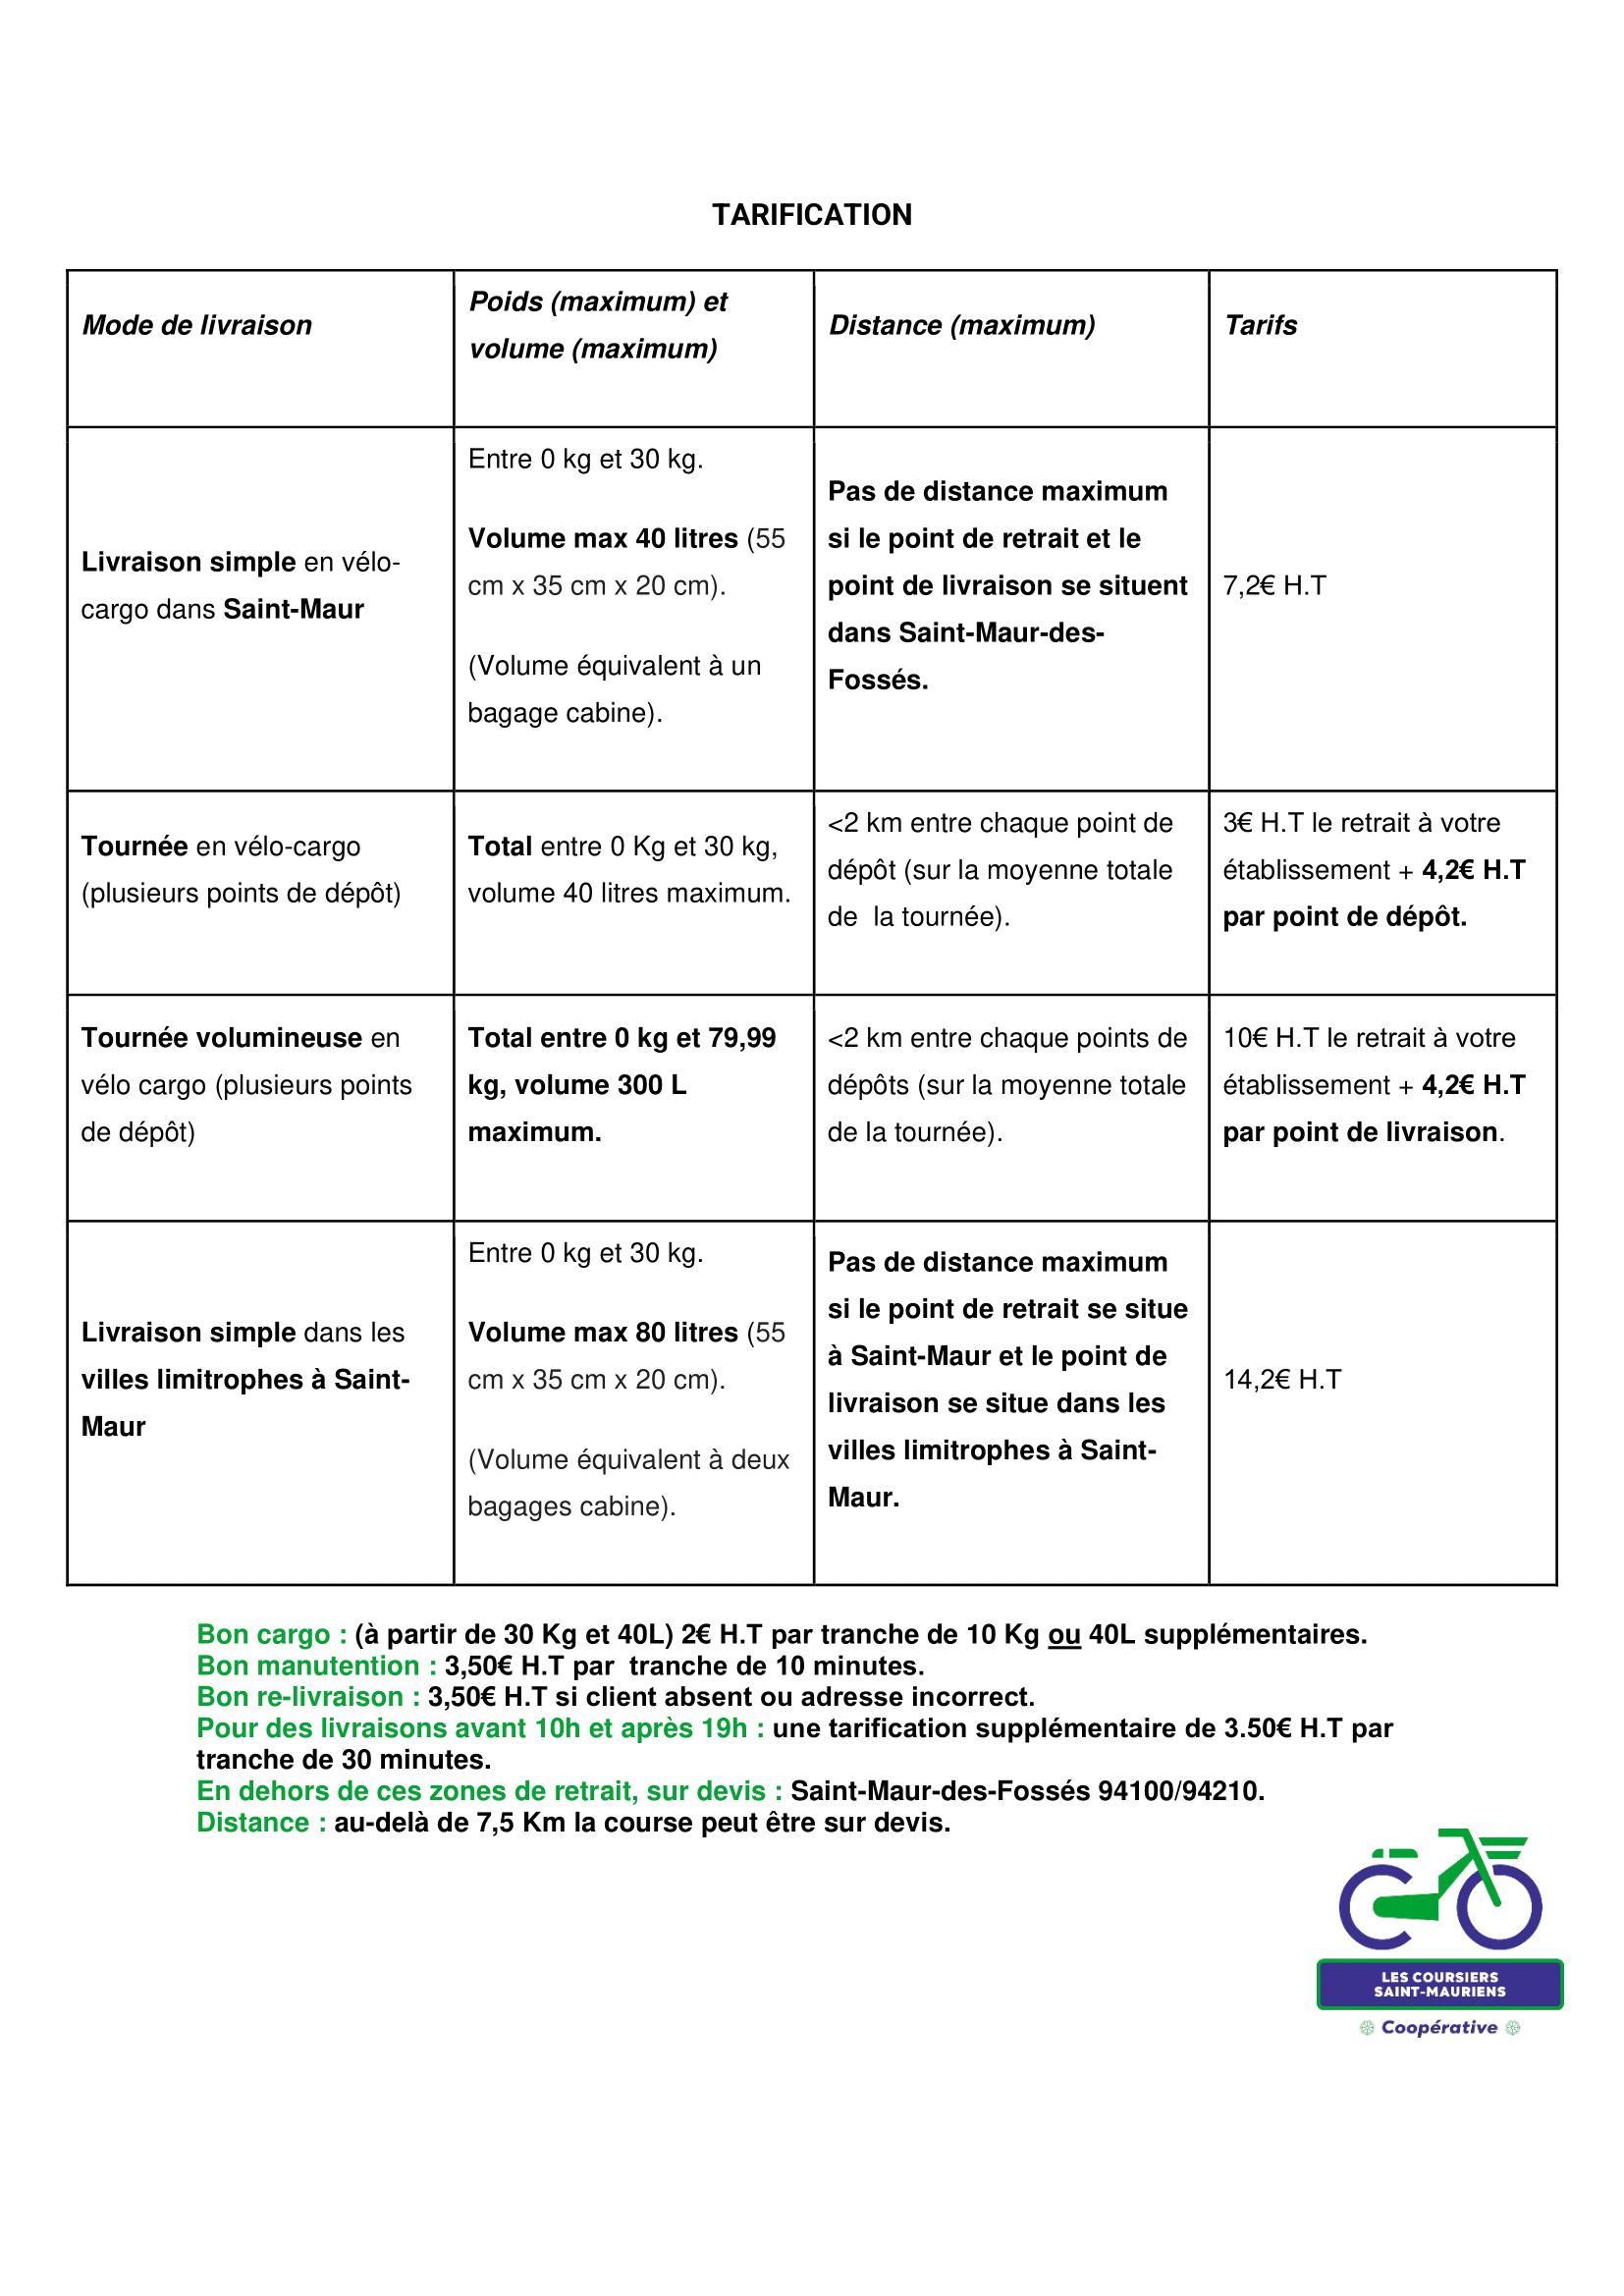 Tarification générique